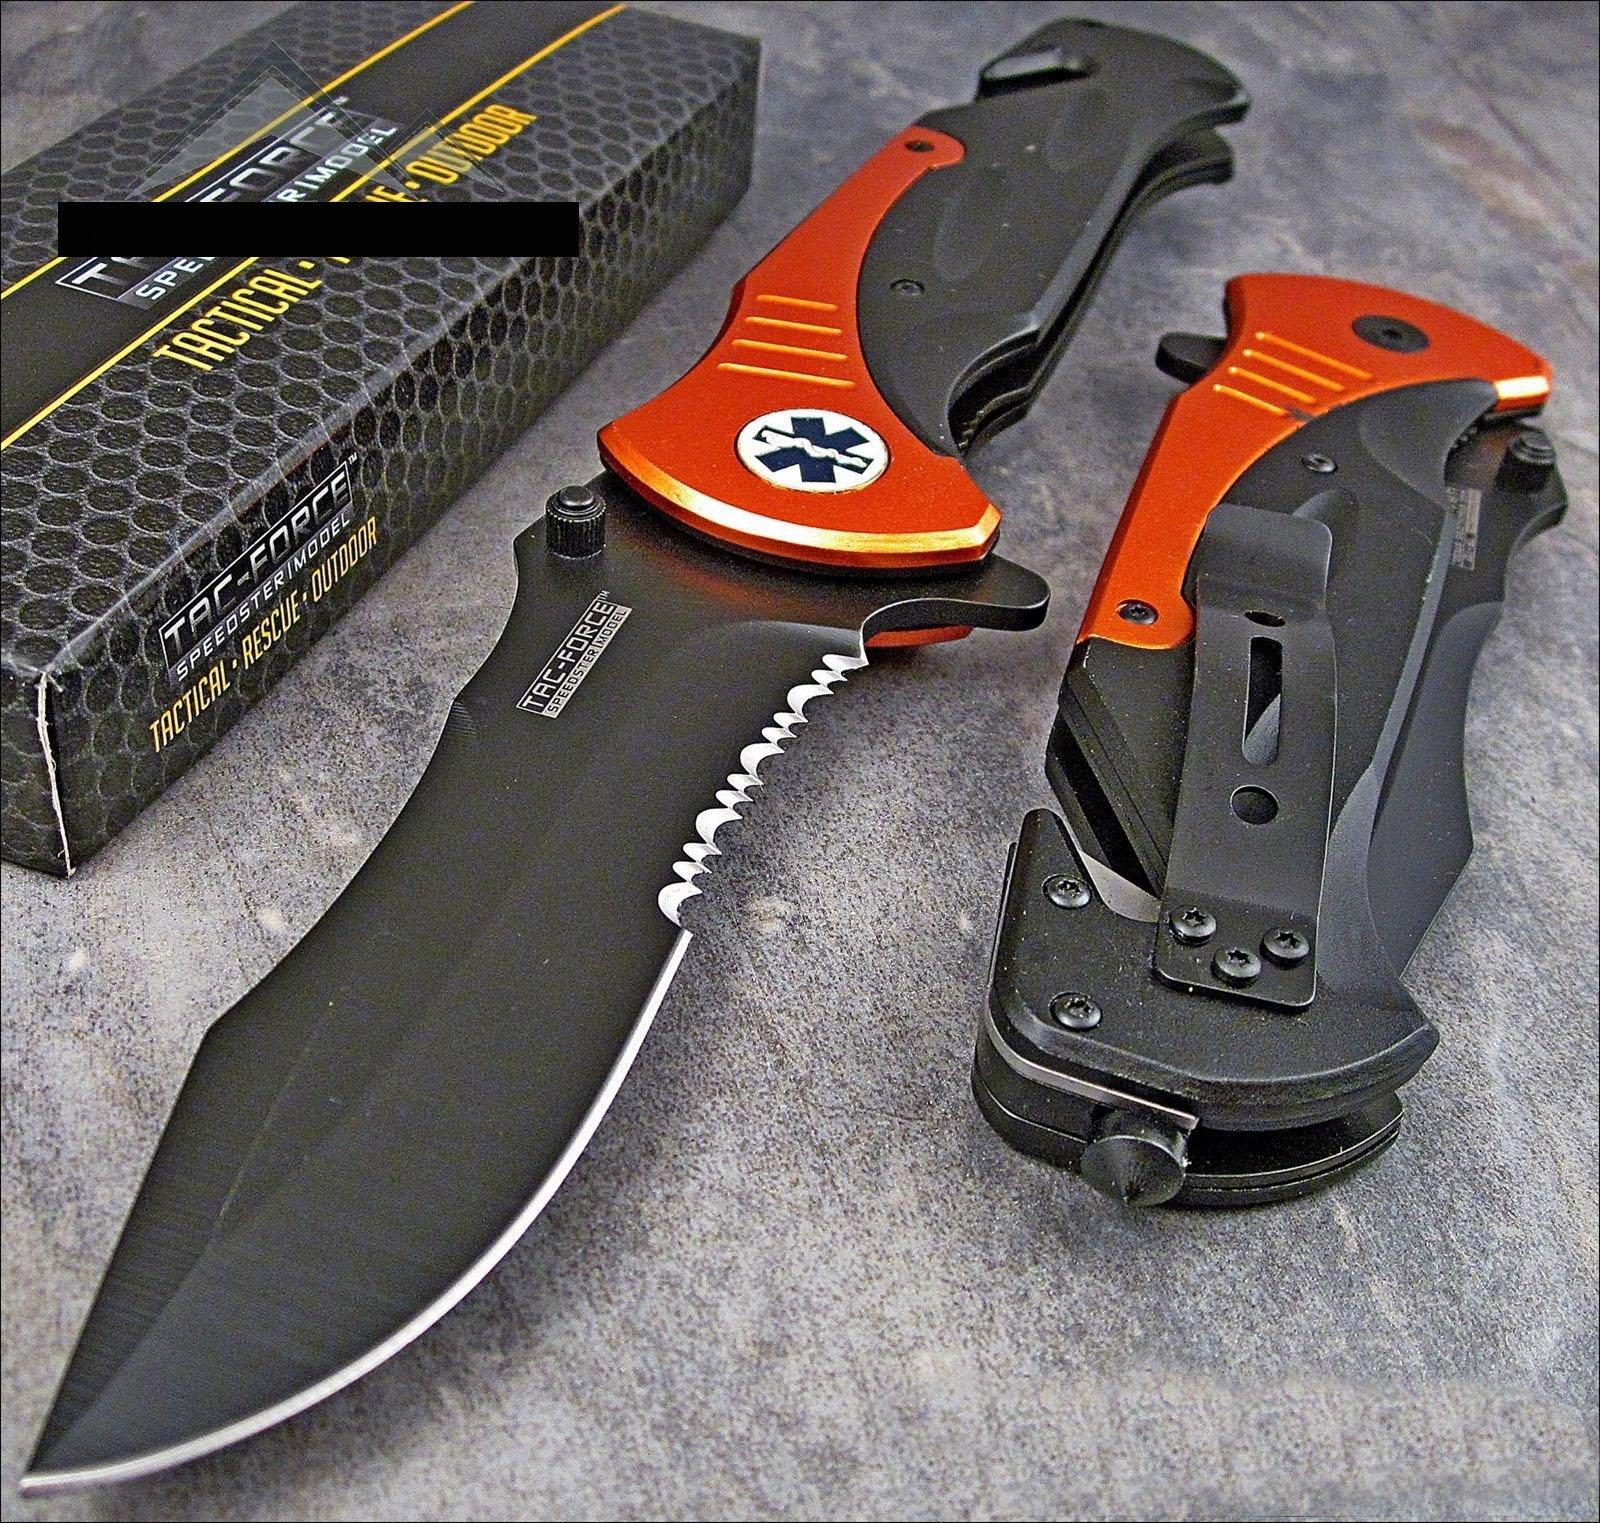 Tac-force Extra Large 10.5'' Orange Emt Folder Blade Tactical Rescue Pocket Knife by TAC Force